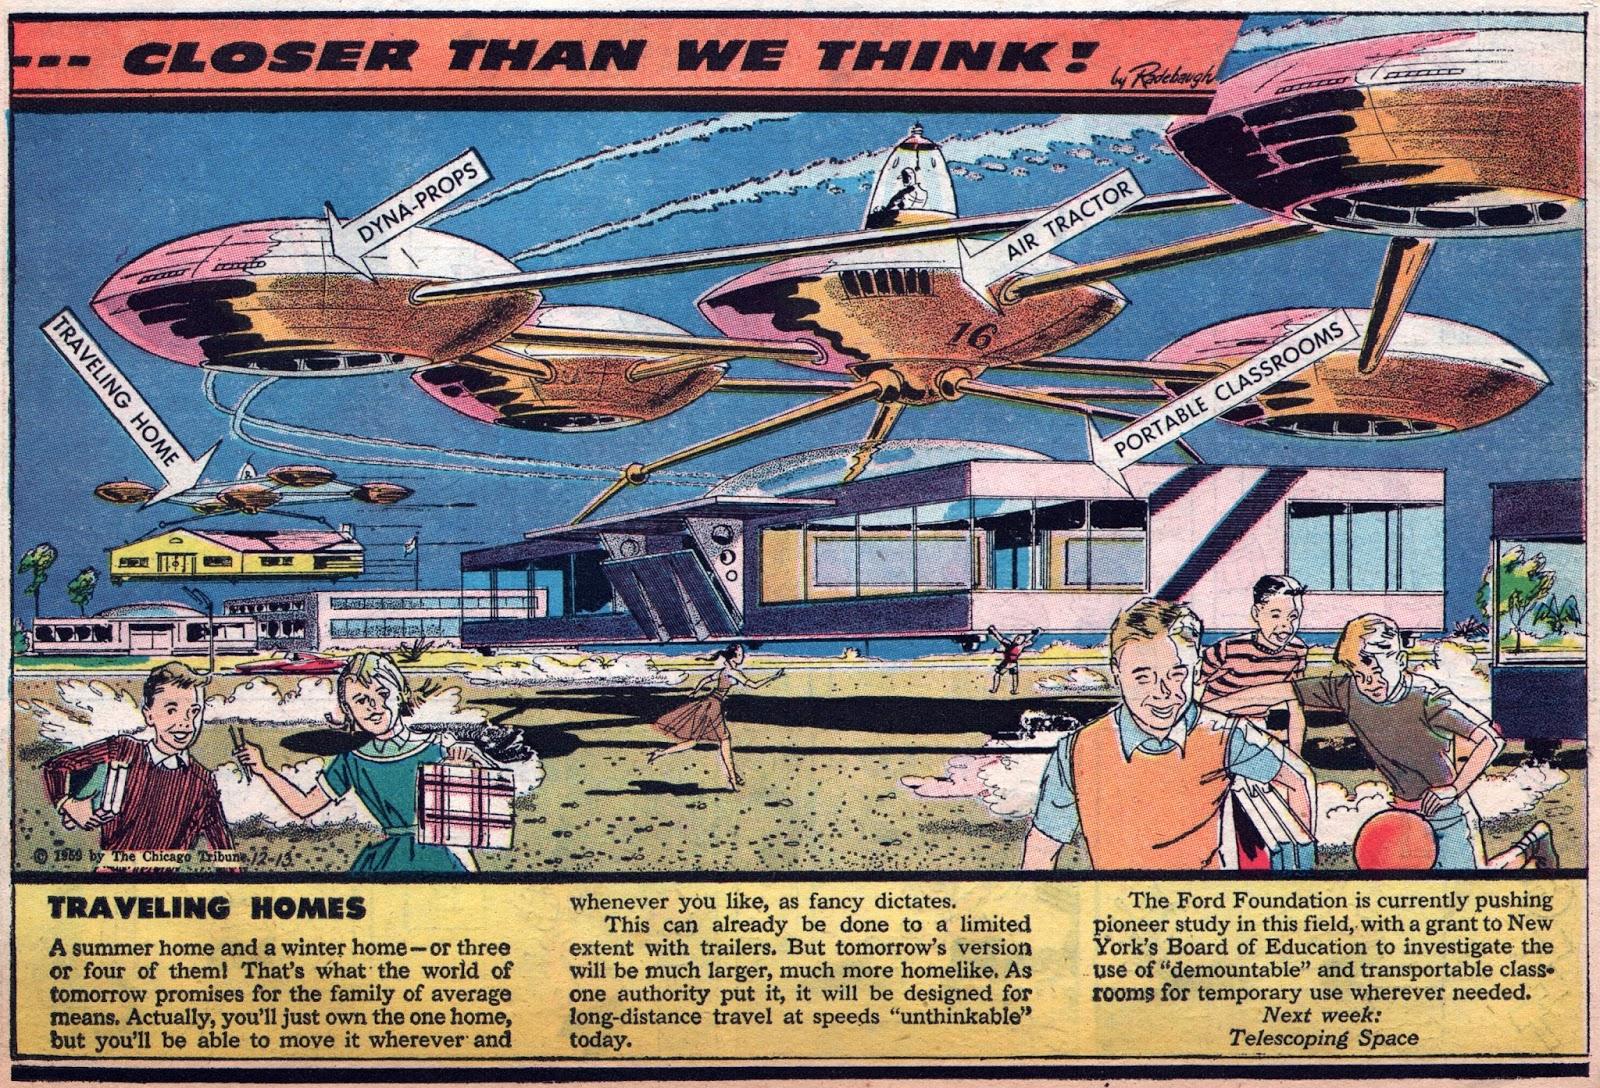 U 2 1959 Timely-Atlas-Co...